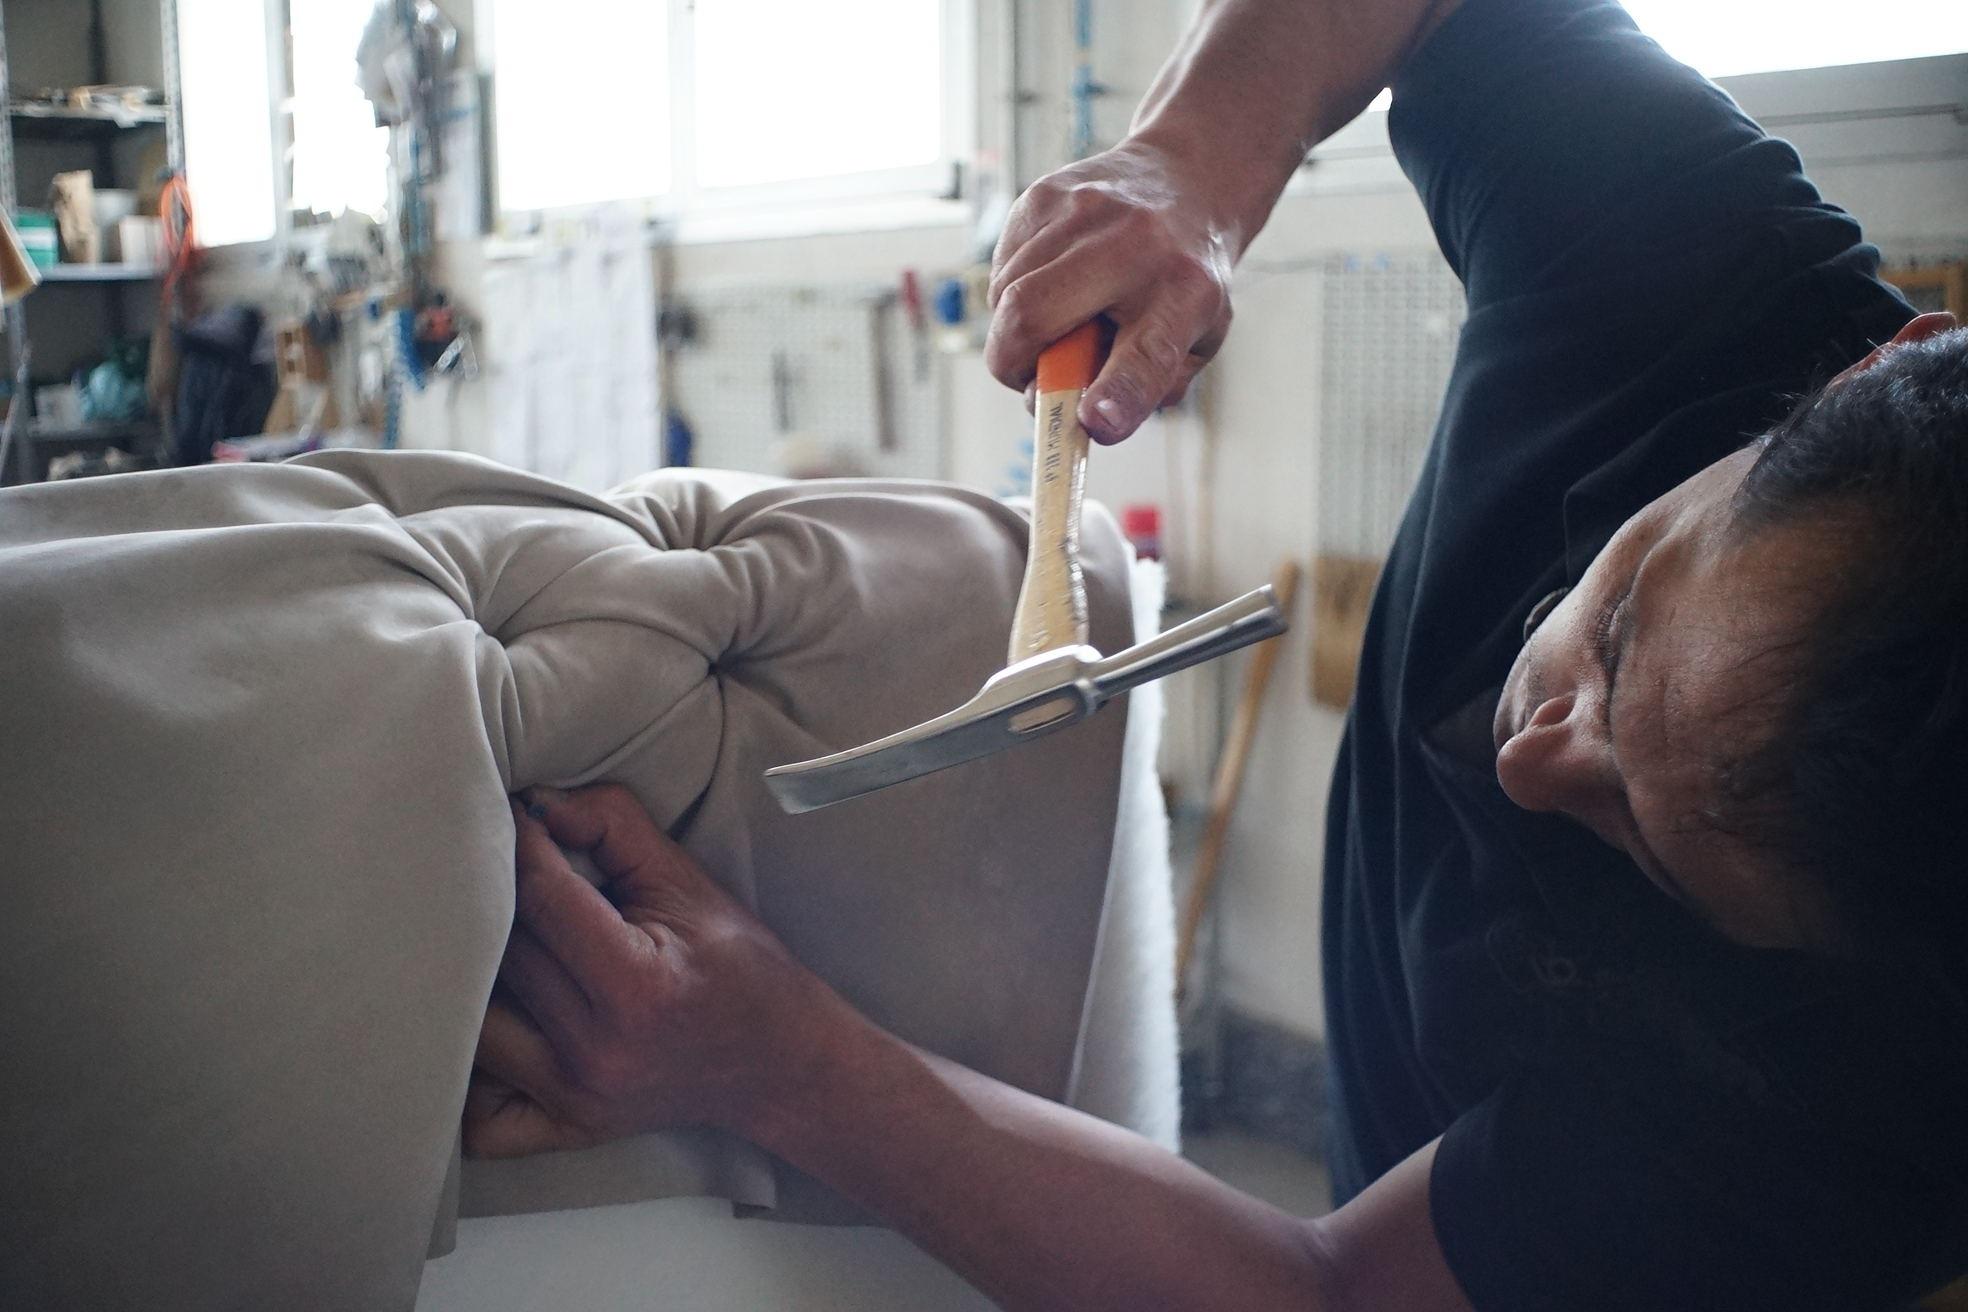 Fotos Gratis Pierna Mueble Brazo Sof M Sculo Cuerpo Humano  # Muebles El Obrero